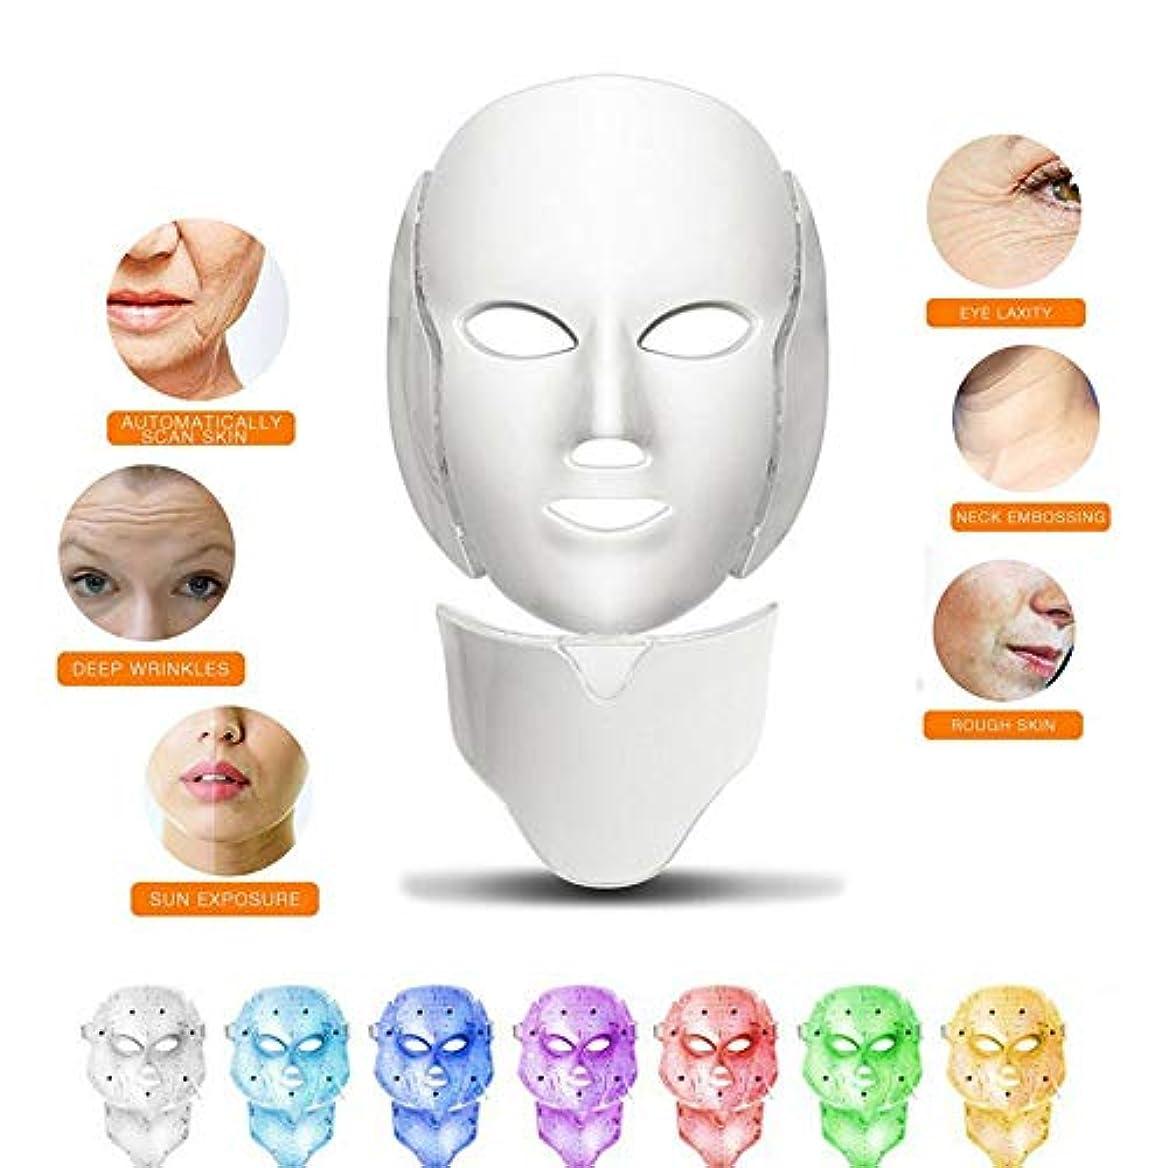 アンプ交流する故国赤色光光子療法機7色ledフェイスマスク+首、肌の若返りしわにきび除去フェイシャルスパ美容機器、ホワイト